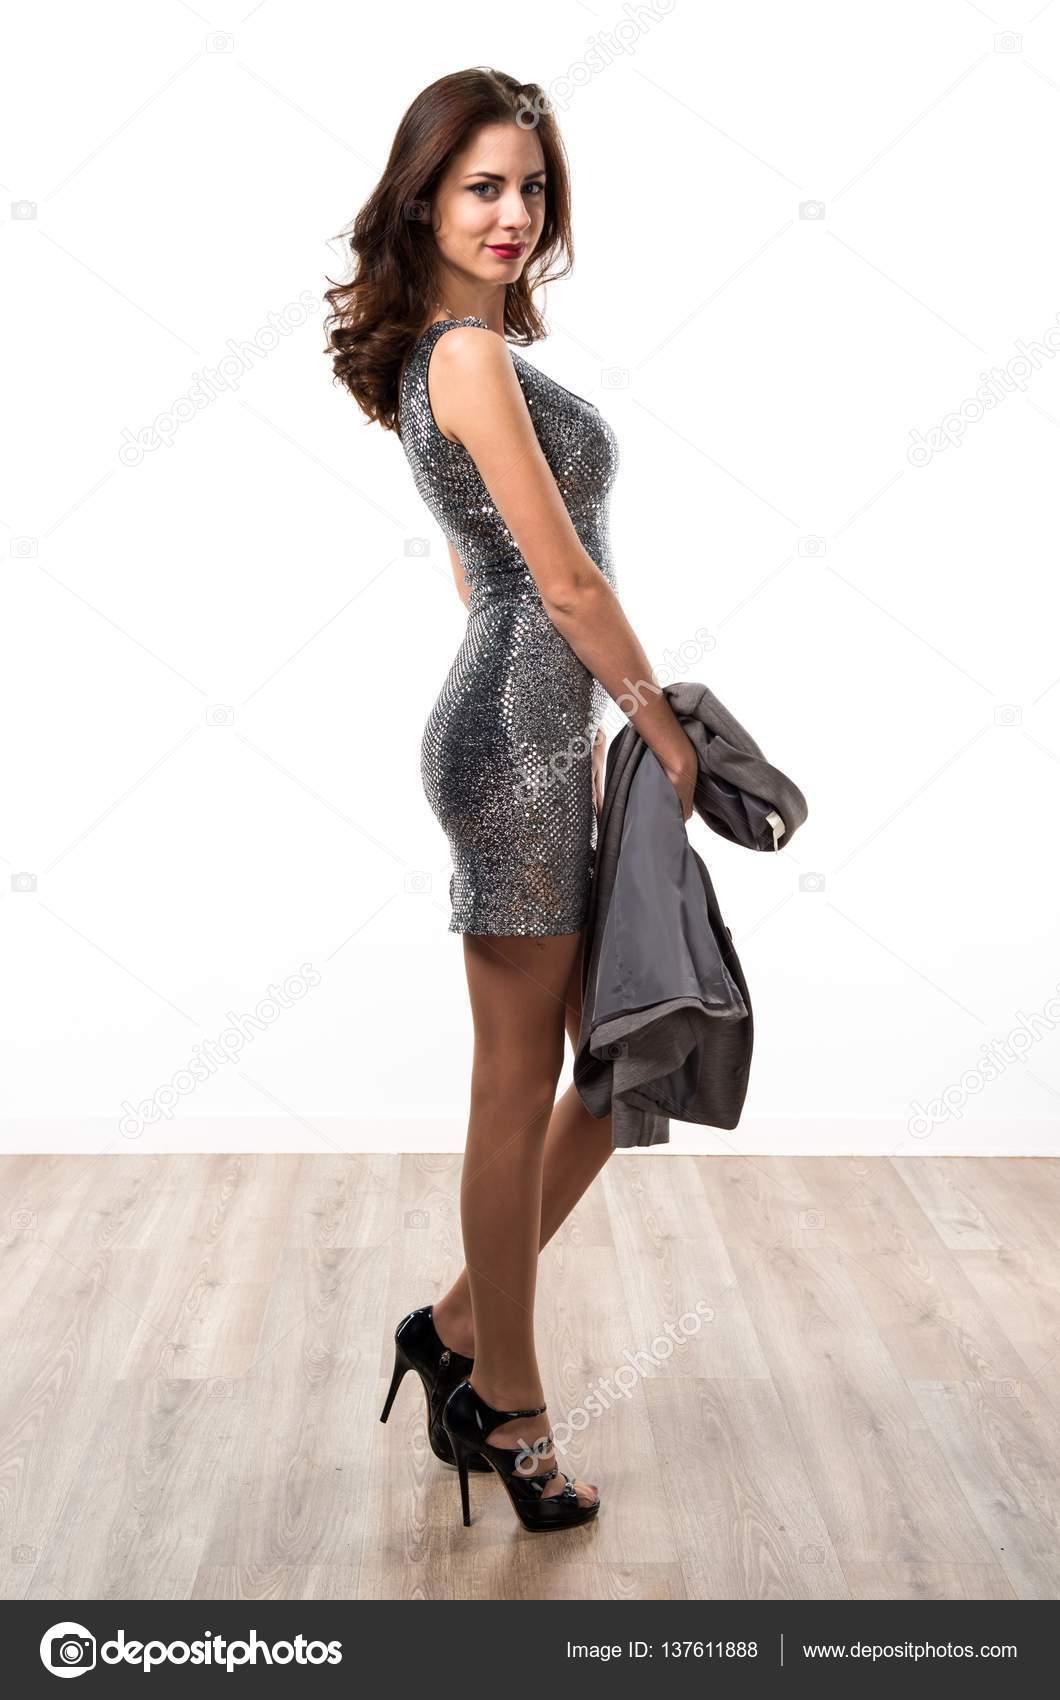 schöne Frau in einem Party-Kleid — Stockfoto © luismolinero #137611888